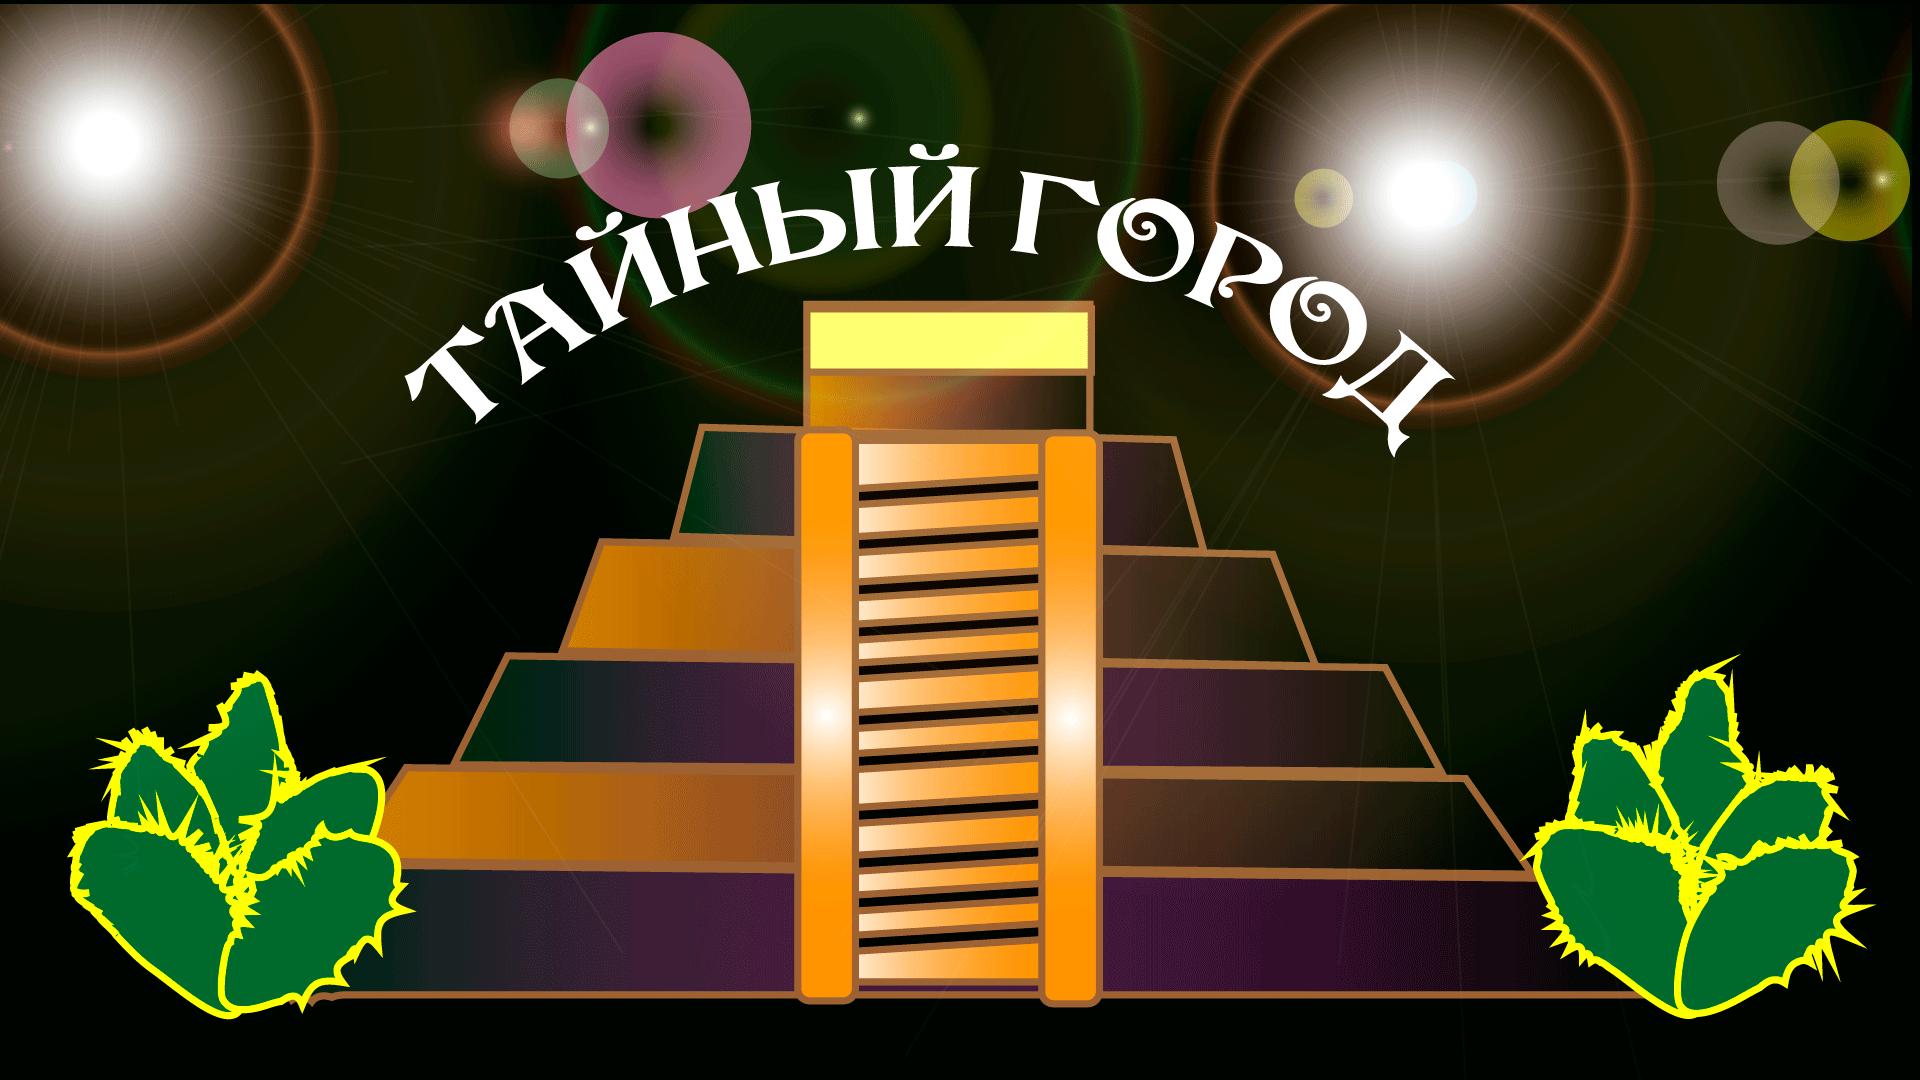 Разработка логотипа и шрифтов для Квеста  фото f_5905b461d5418357.png